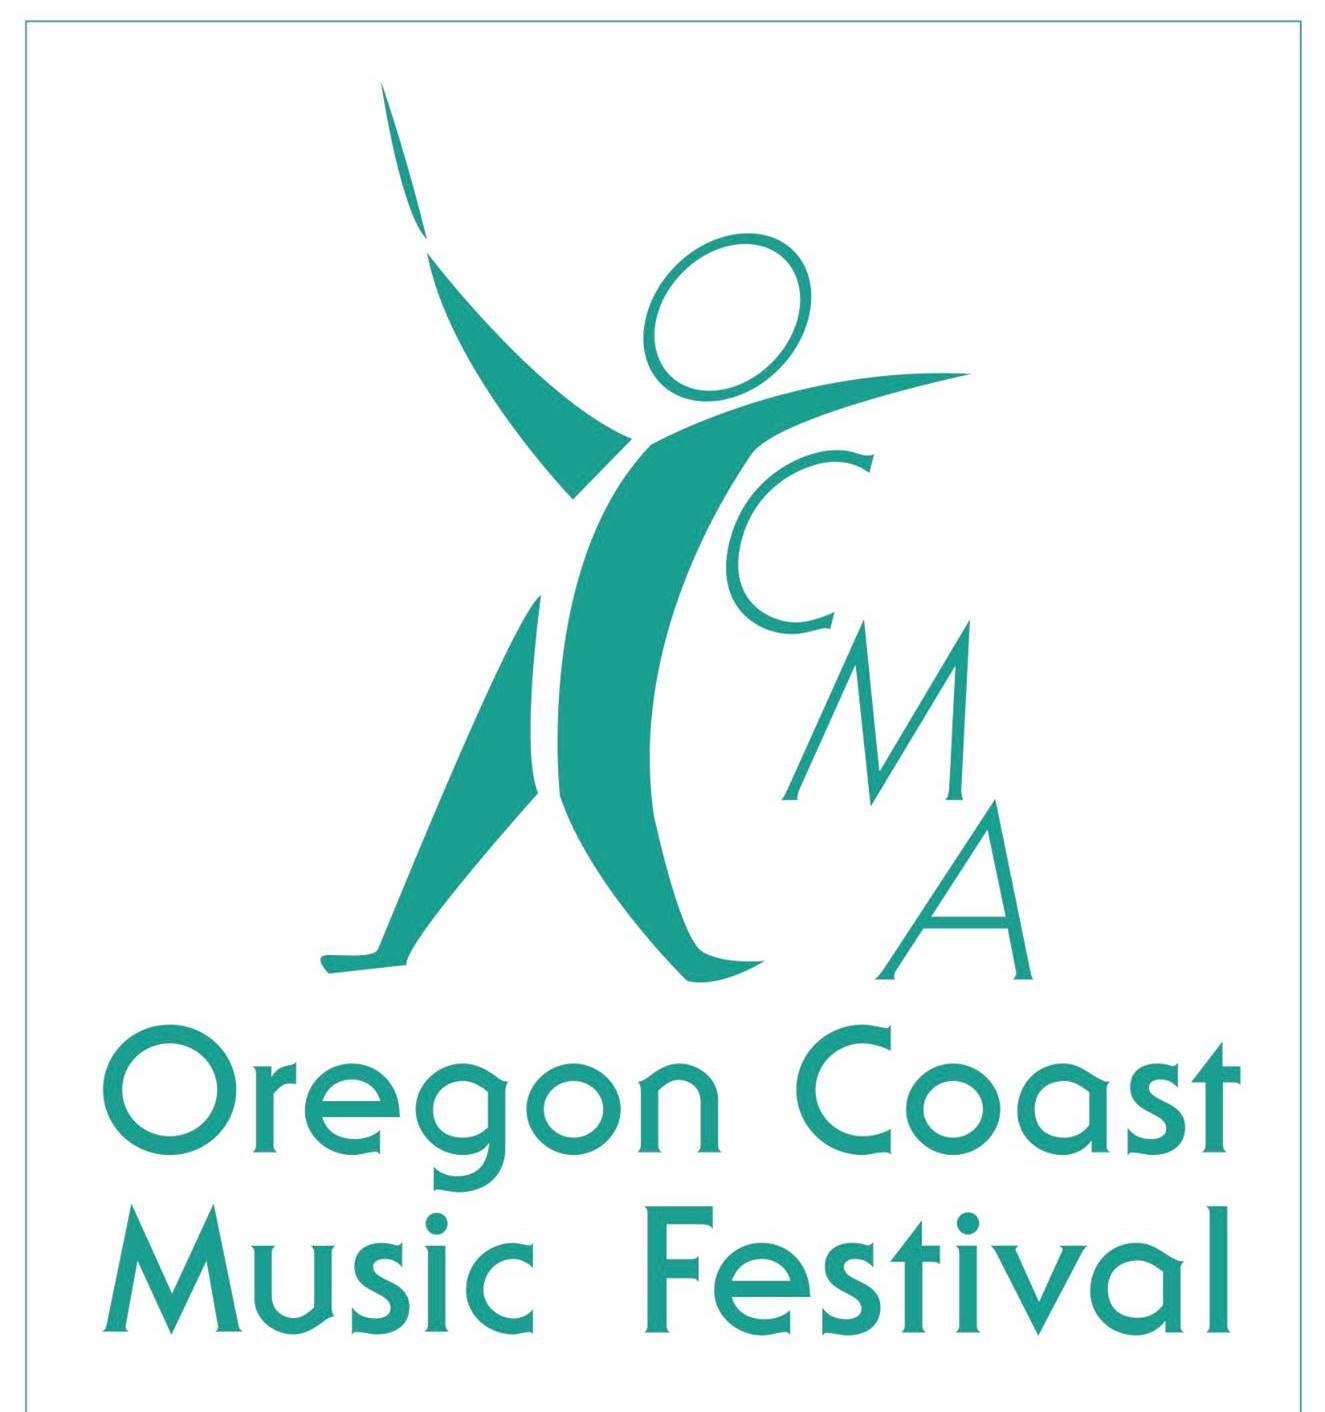 Oregon Coast Music Festival 2019